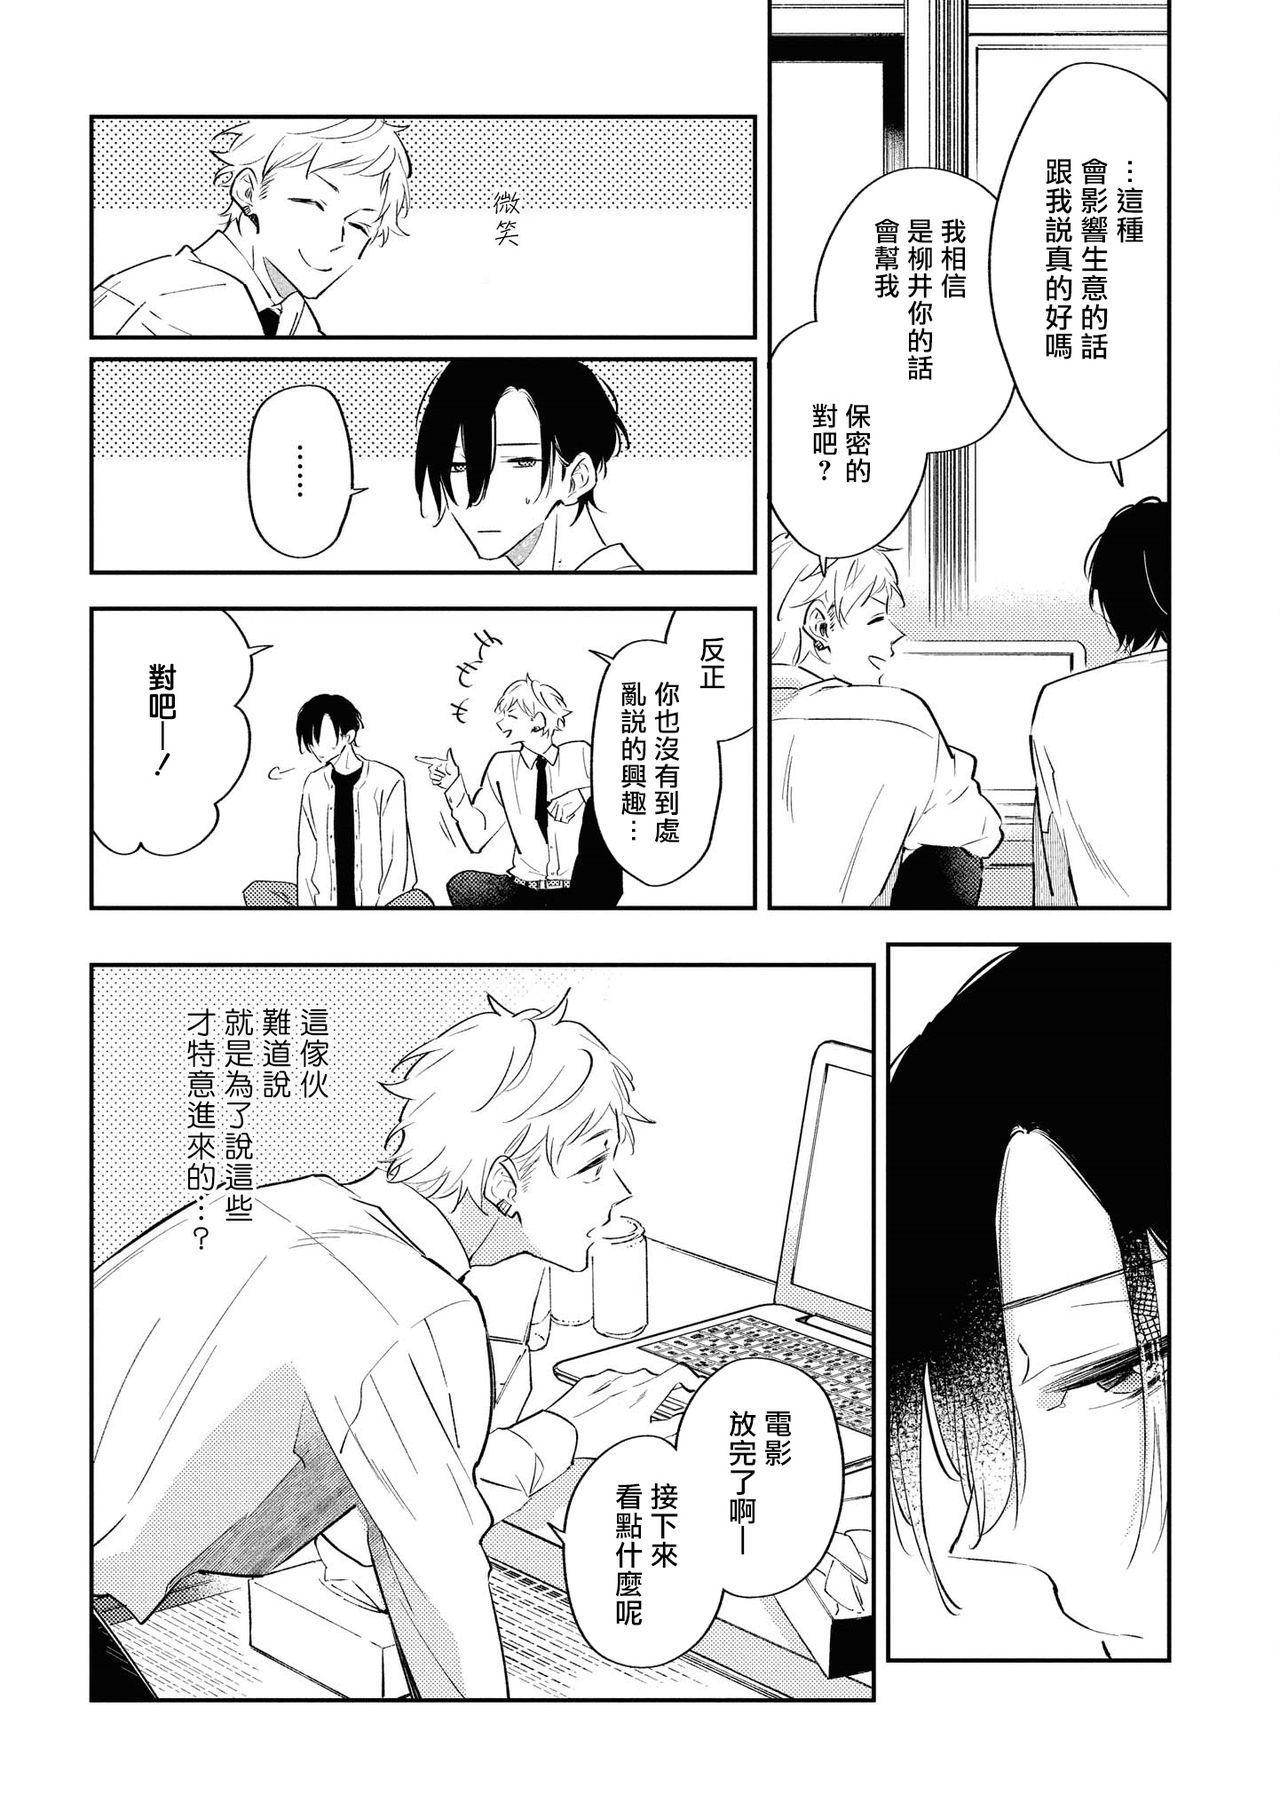 Okane Ariki no Kankei desu ga | 与债有关 Ch. 1-4 65